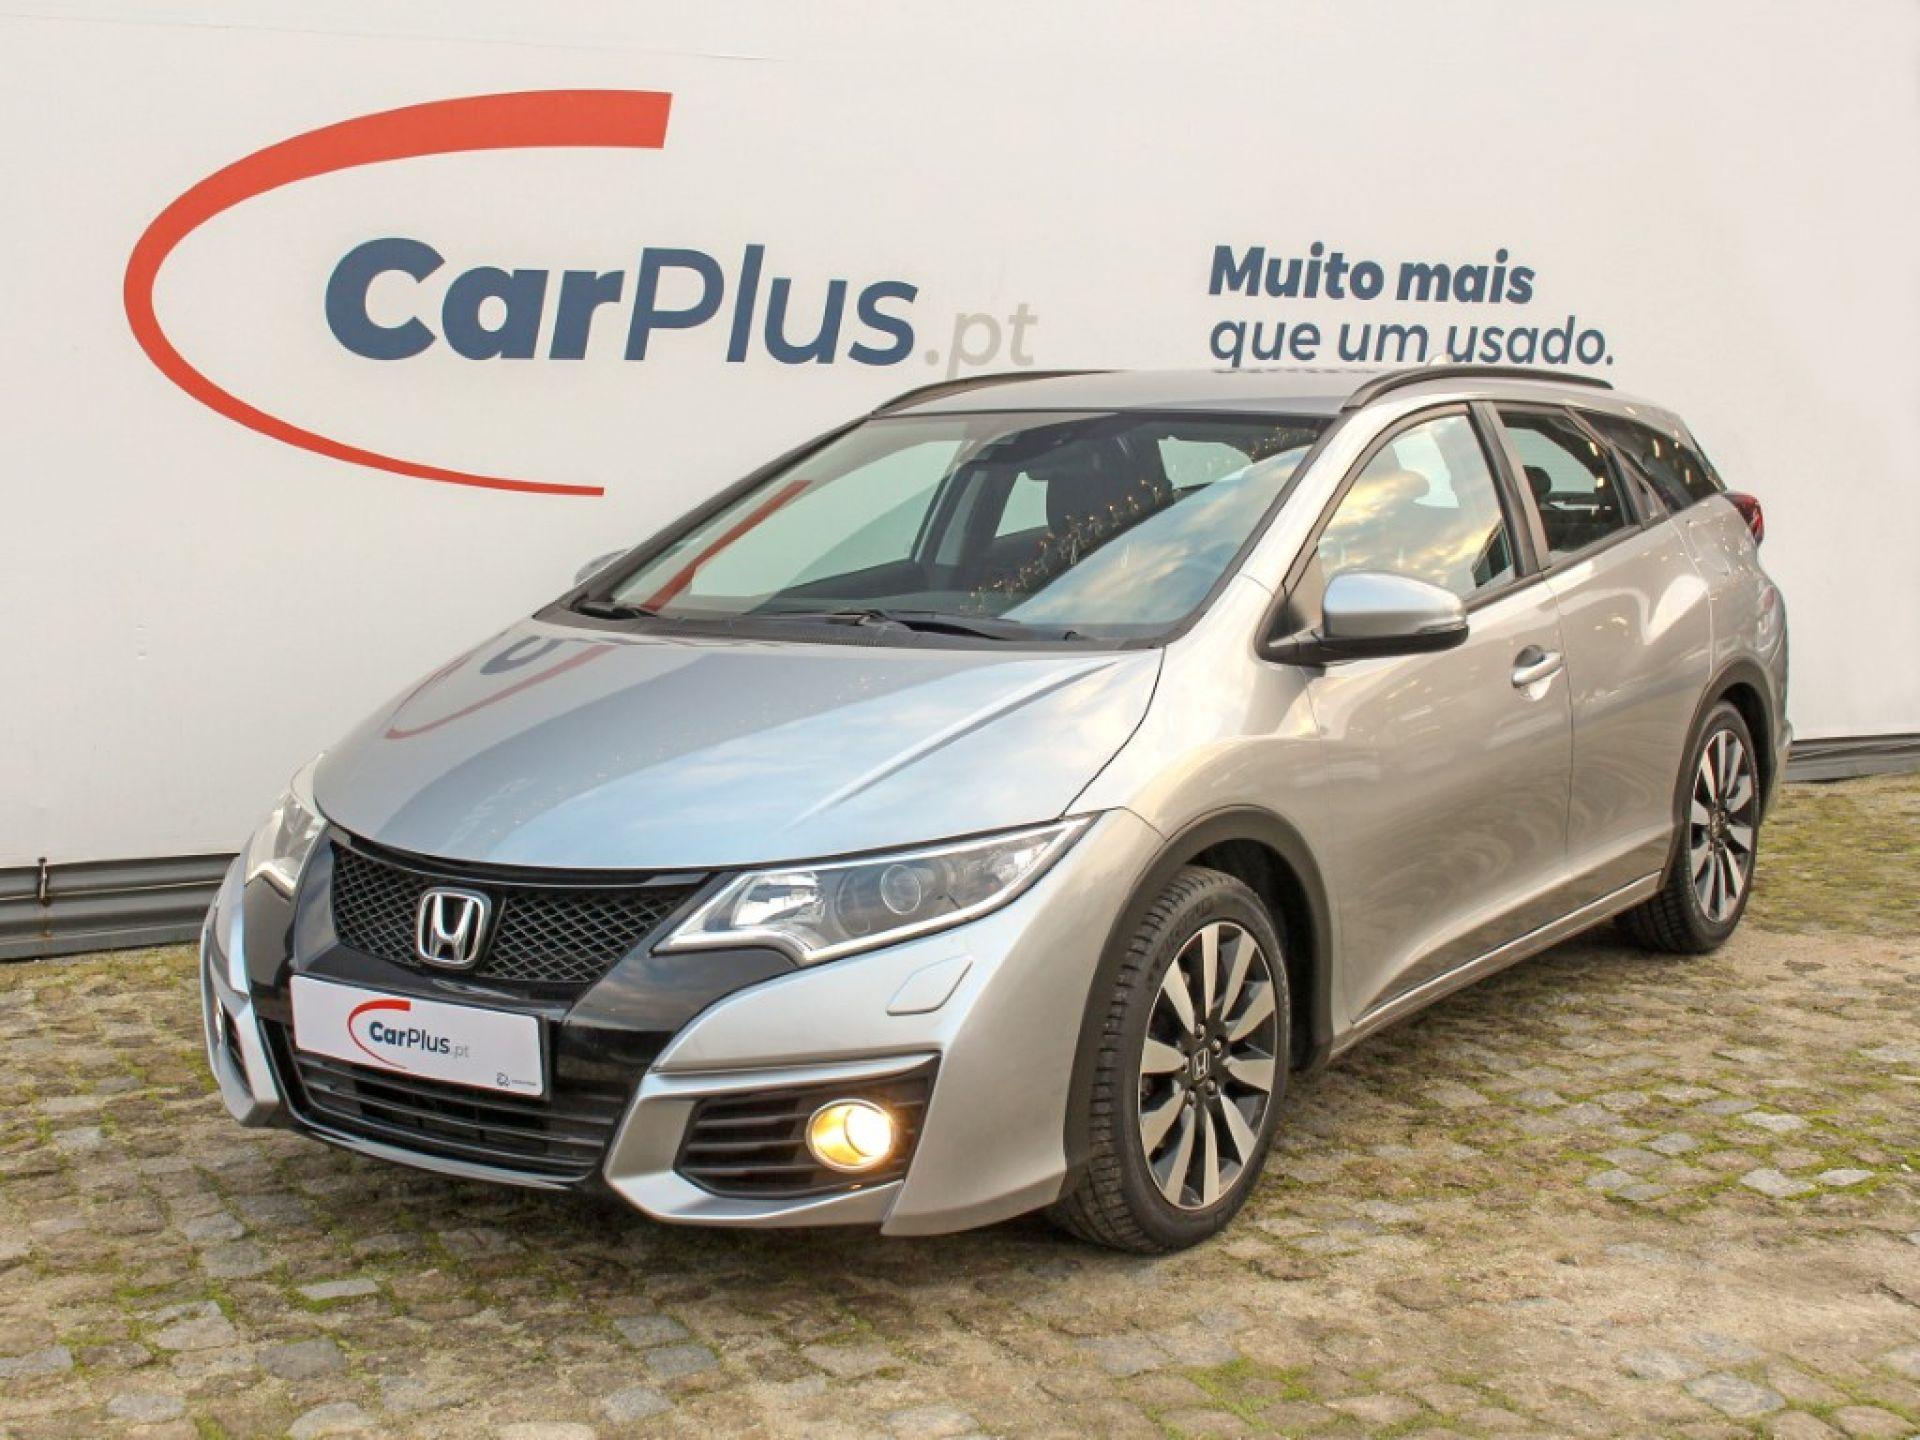 Honda Civic Tourer 1.6 i-DTEC Elegance Navi segunda mão Porto